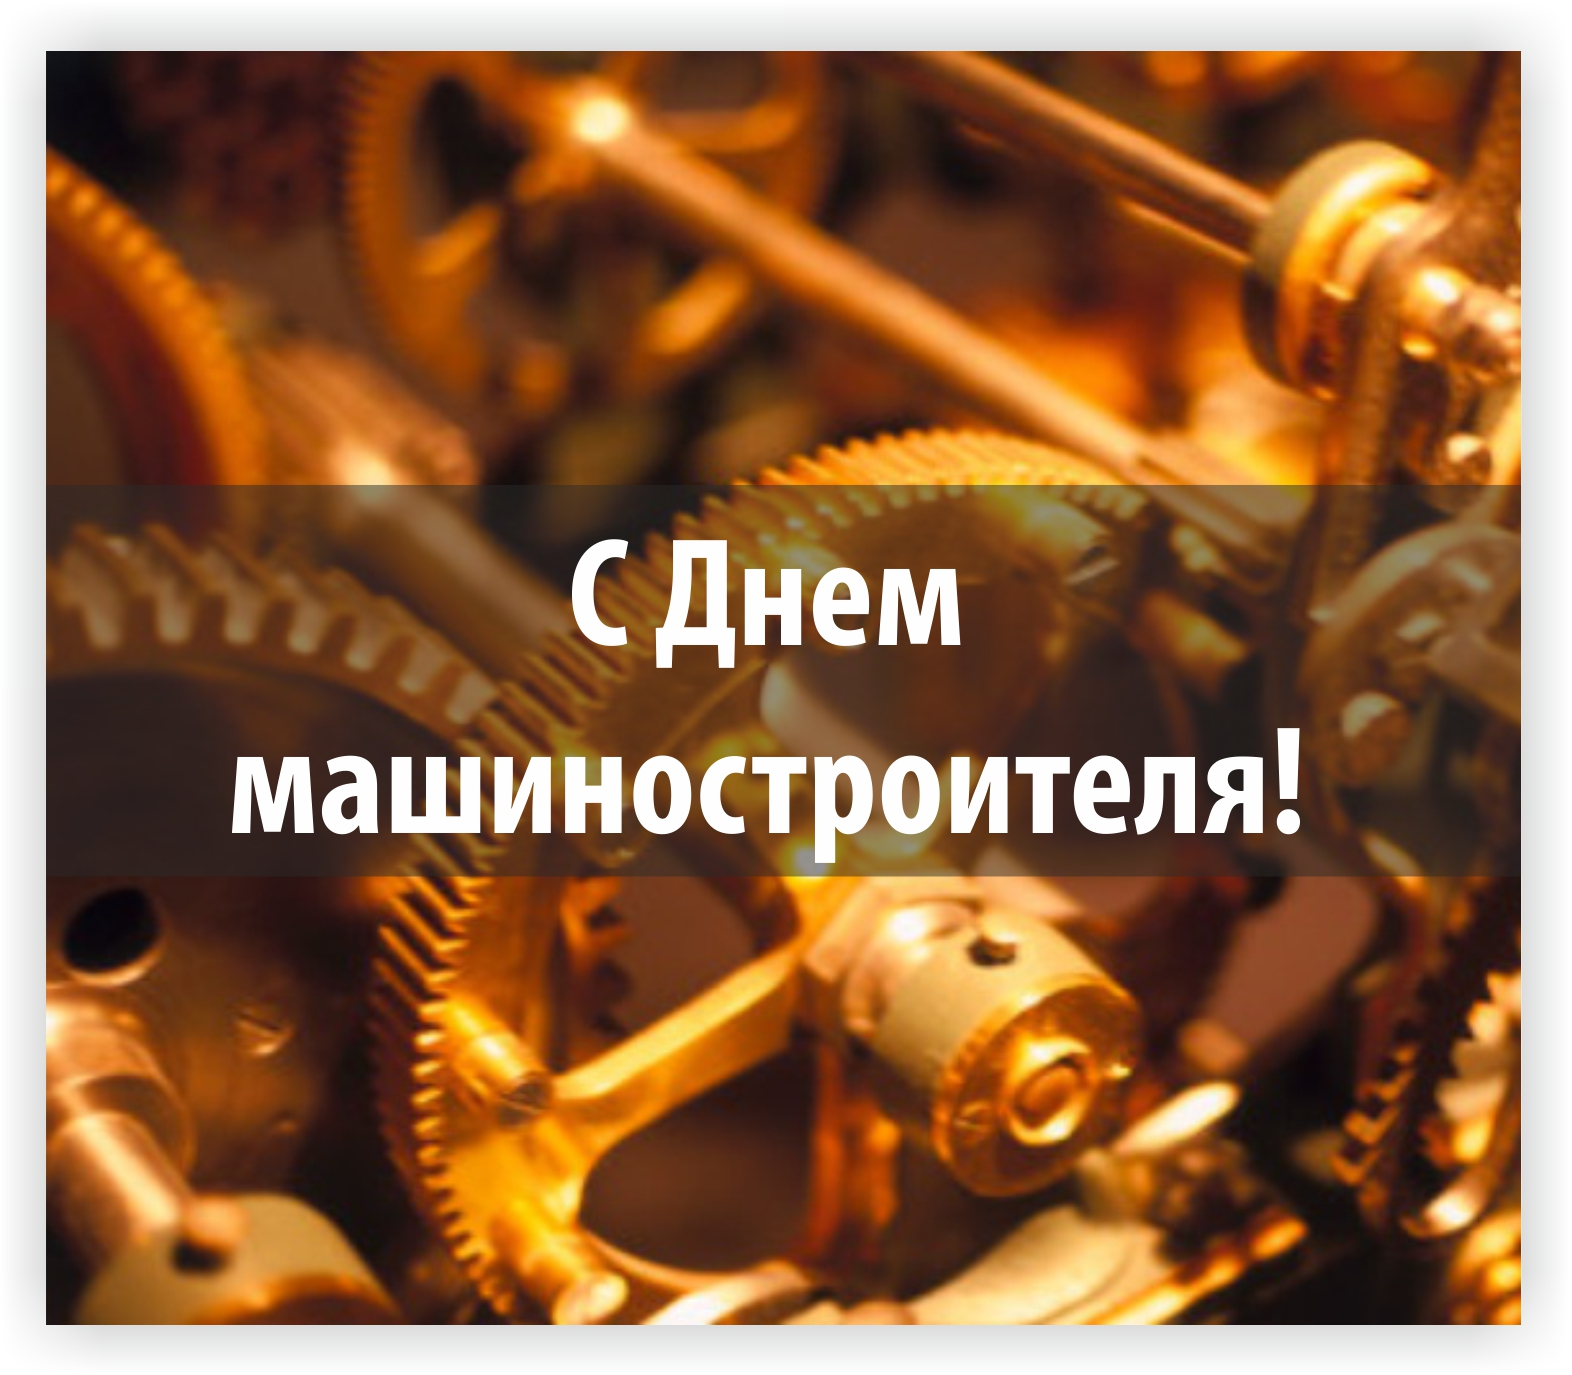 Открытки к дню машиностроителя без надписей